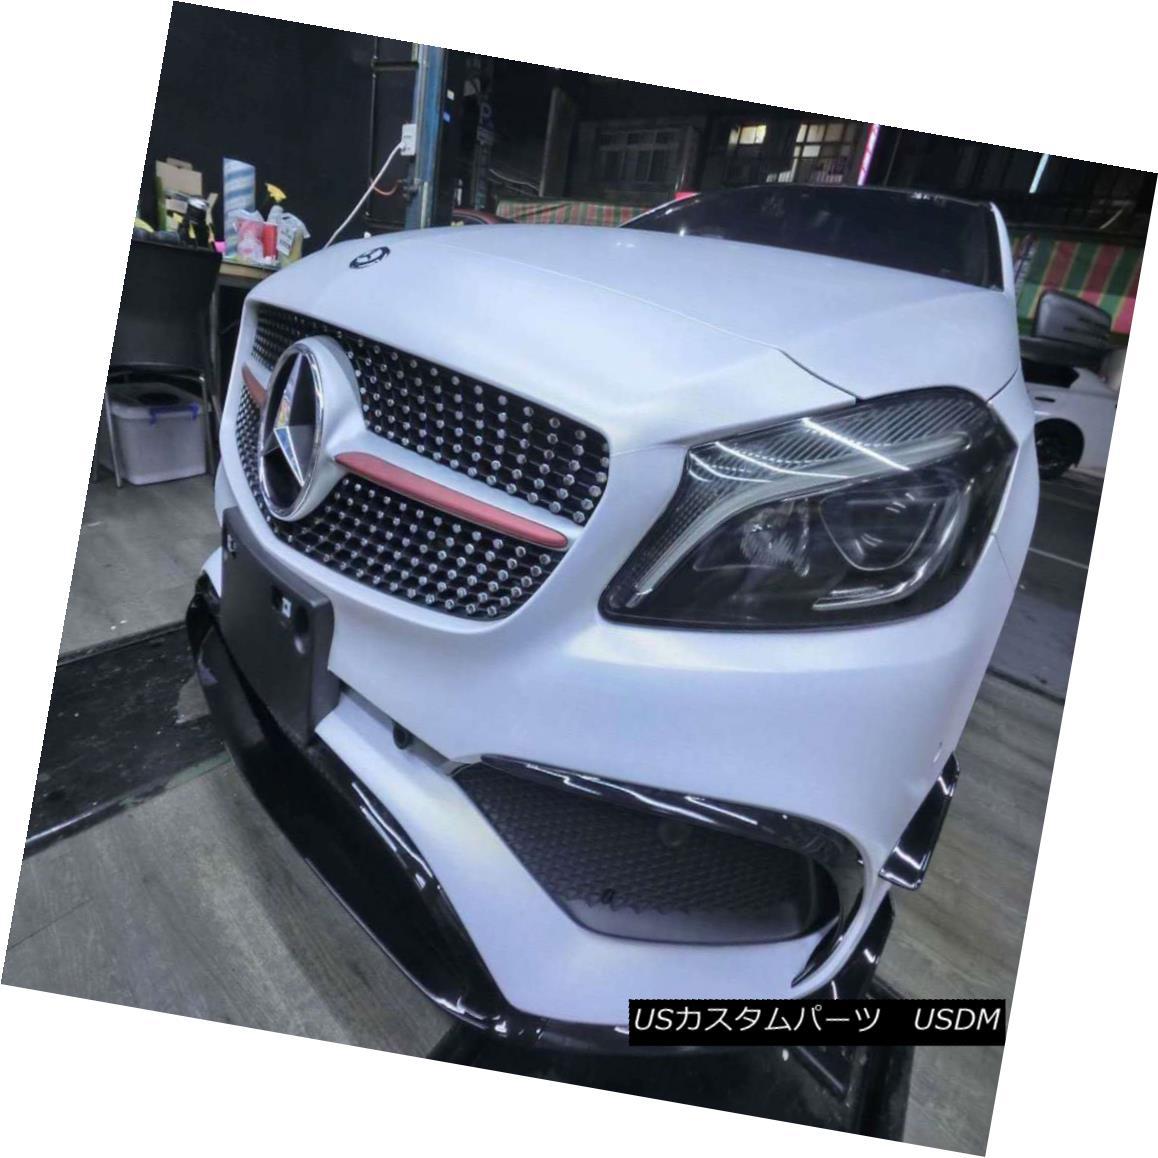 エアロパーツ AER For Mercedes Benz A-Class W176 16-17 ABS 3Pcs Front Bumper Lip Racing Kits AERメルセデスベンツAクラス用W176 16-17 ABS 3個フロントバンパーリップレーシングキット